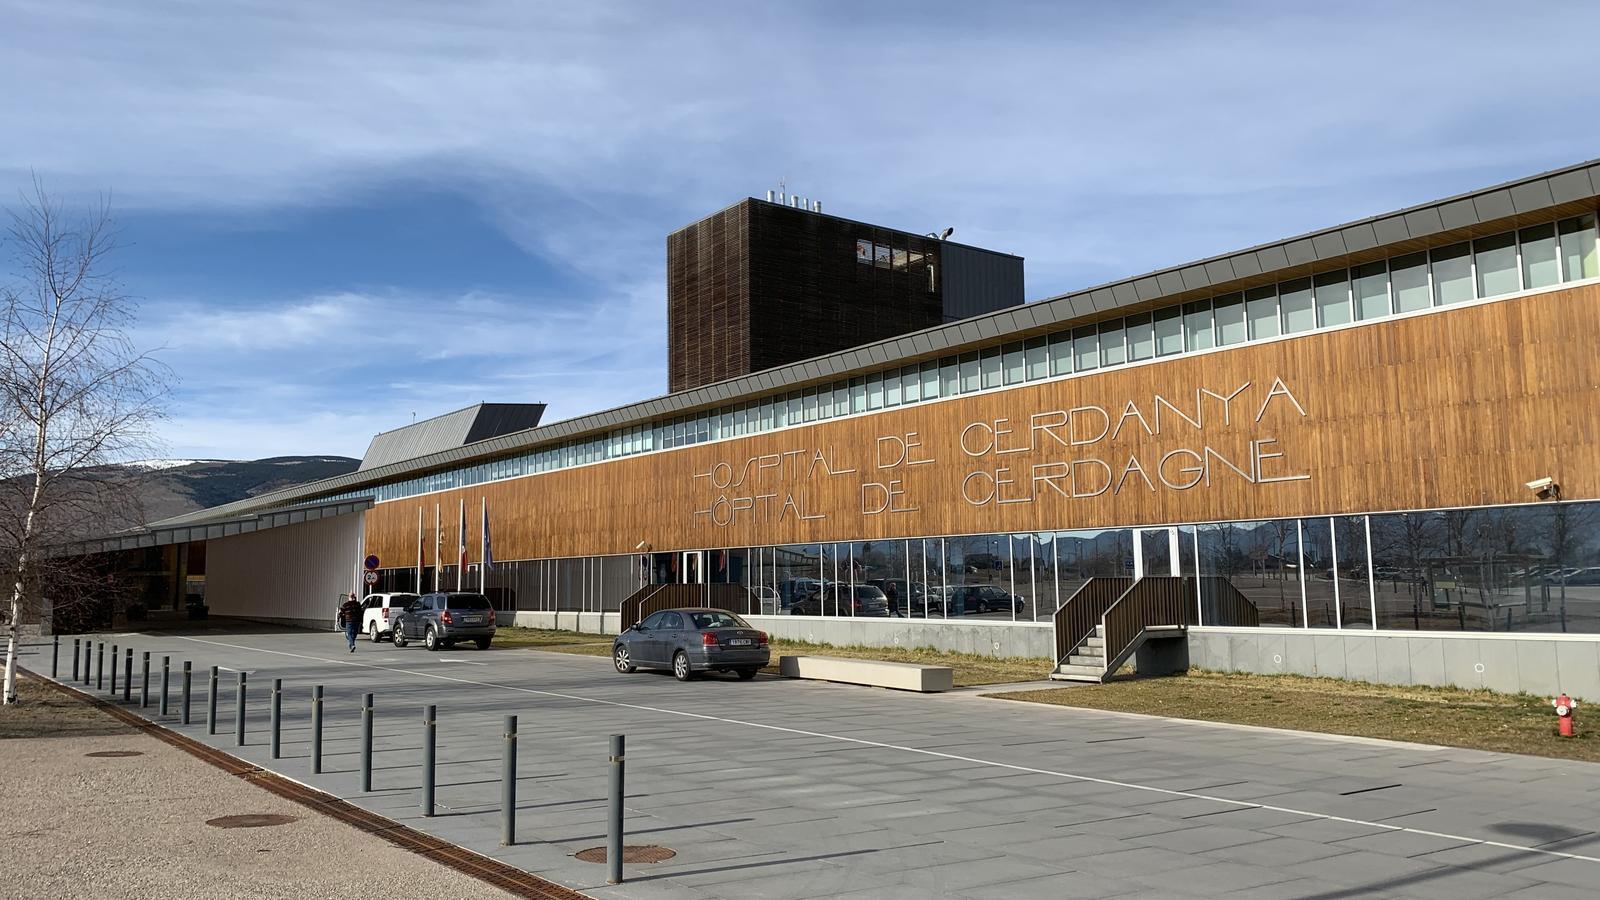 L'Hospital de Cerdanya. / G.L.T.